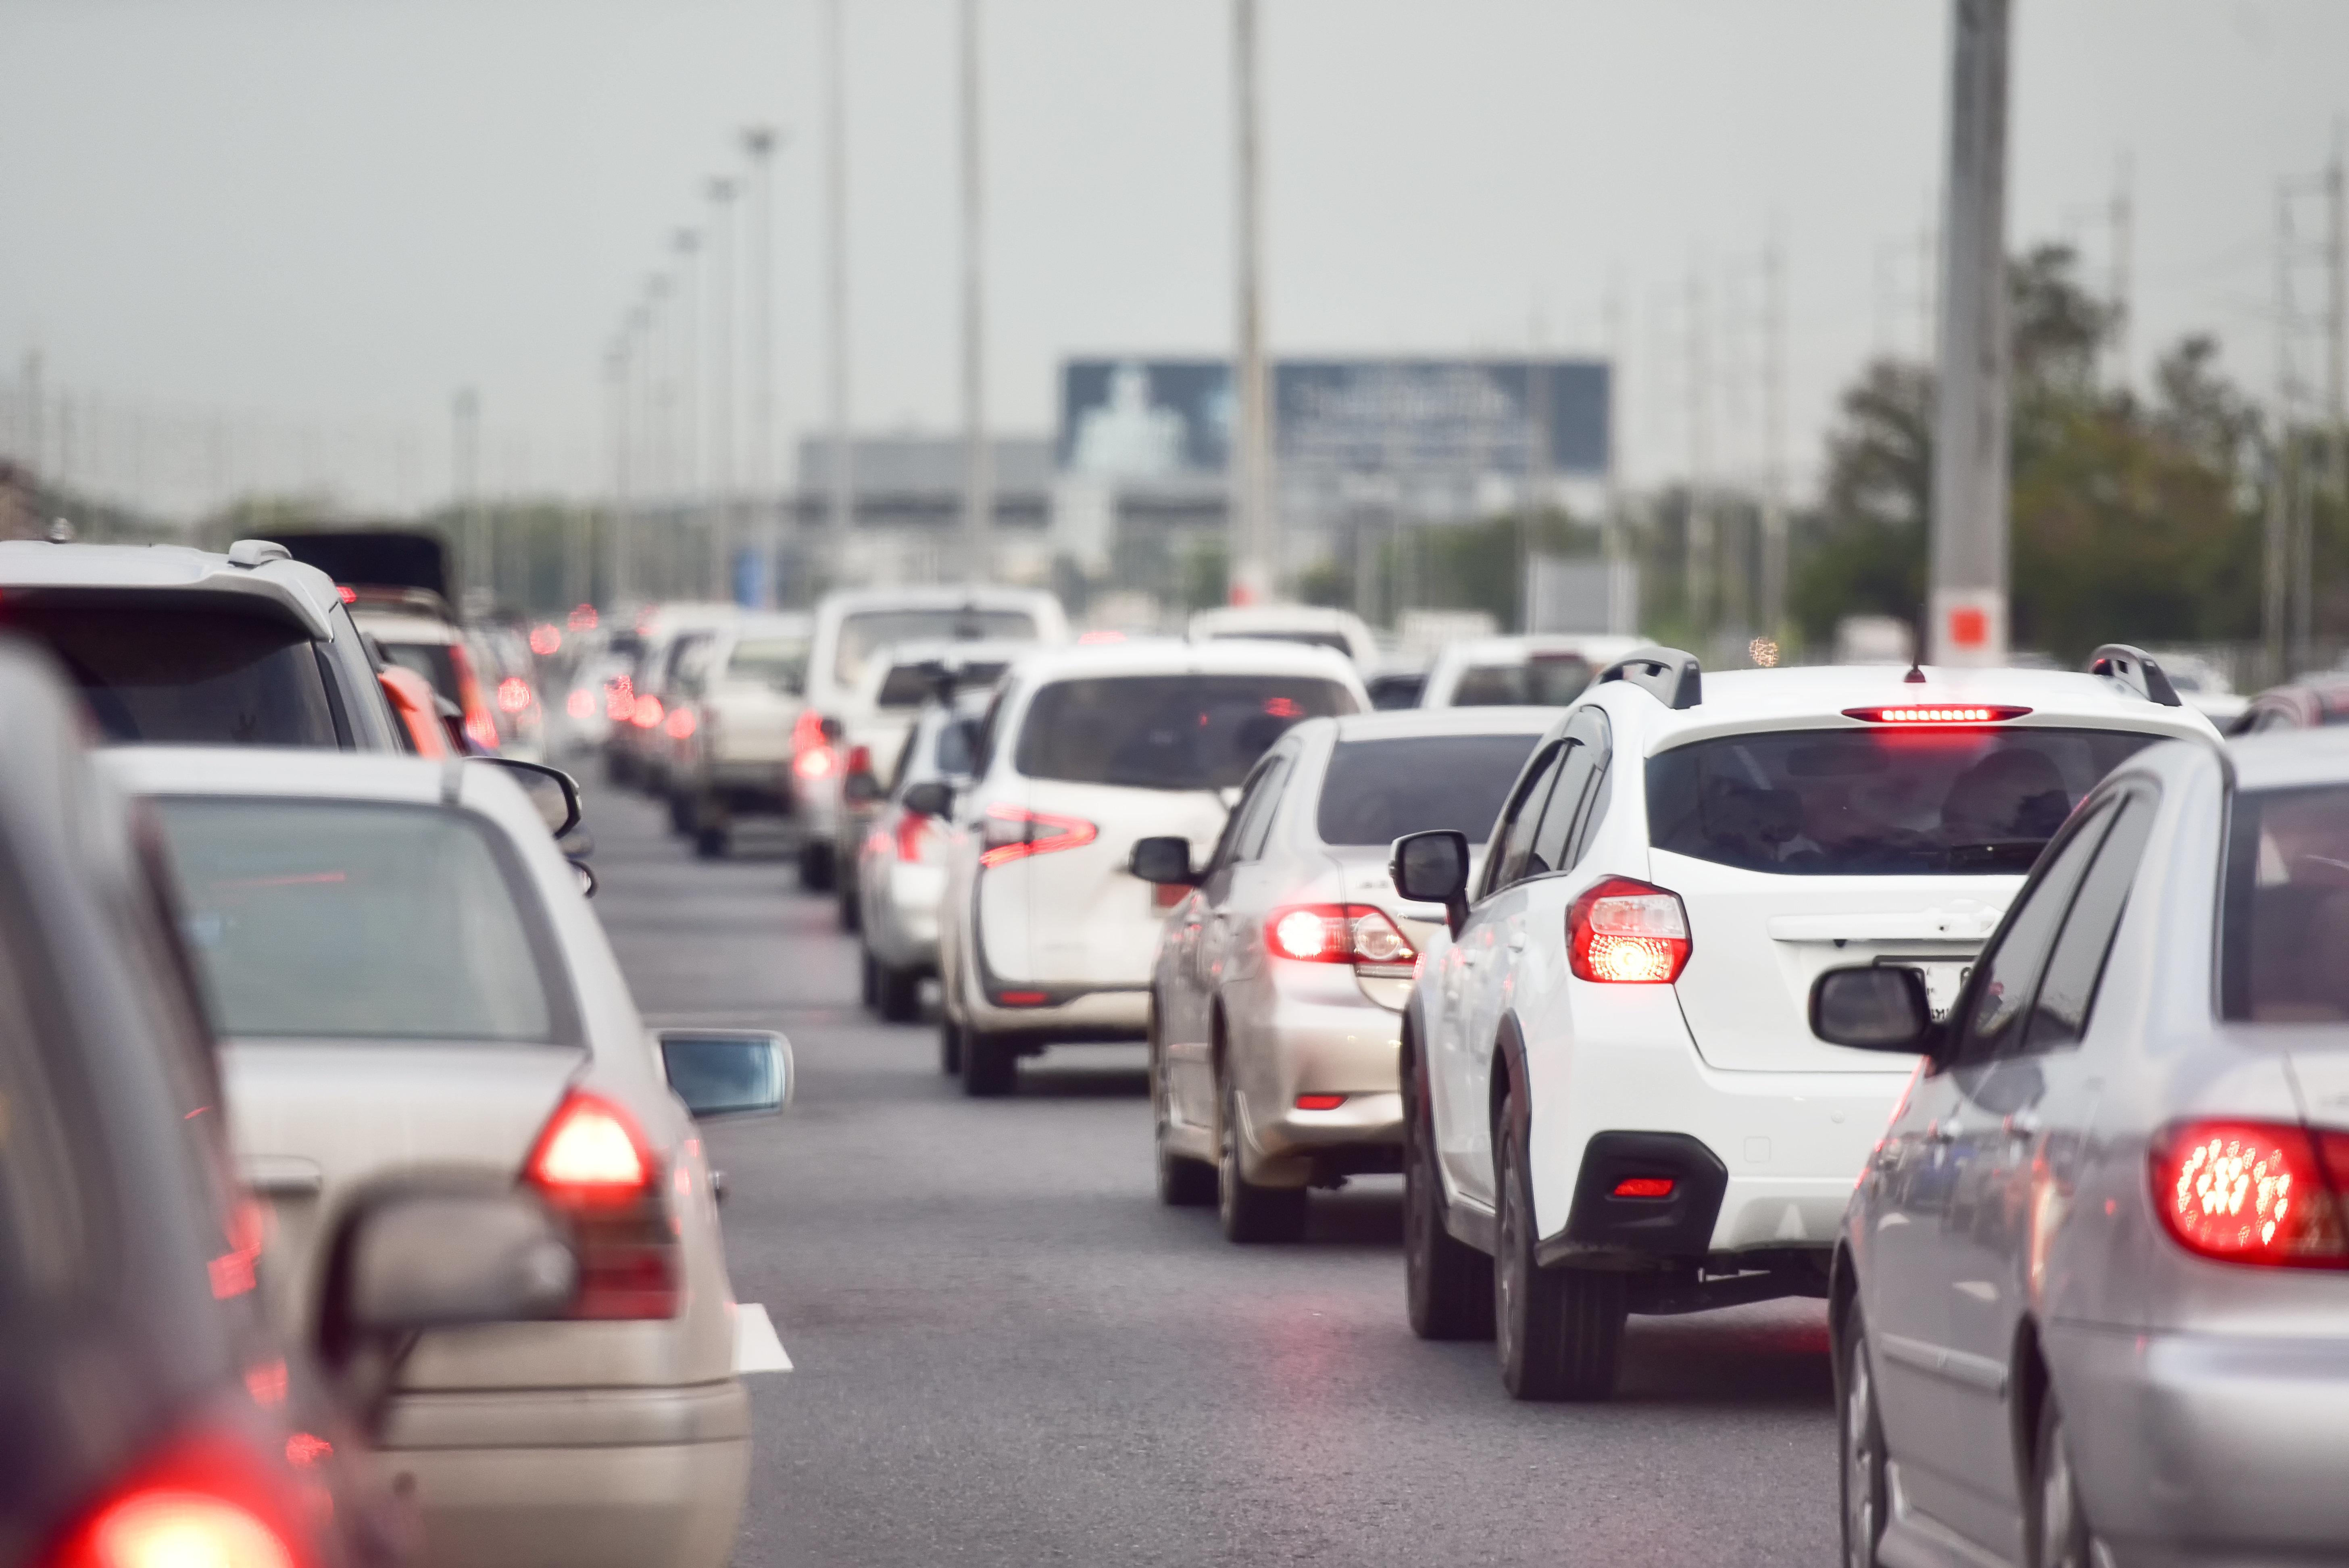 オリンピック中の首都高 1000円値上げ案 渋滞対策